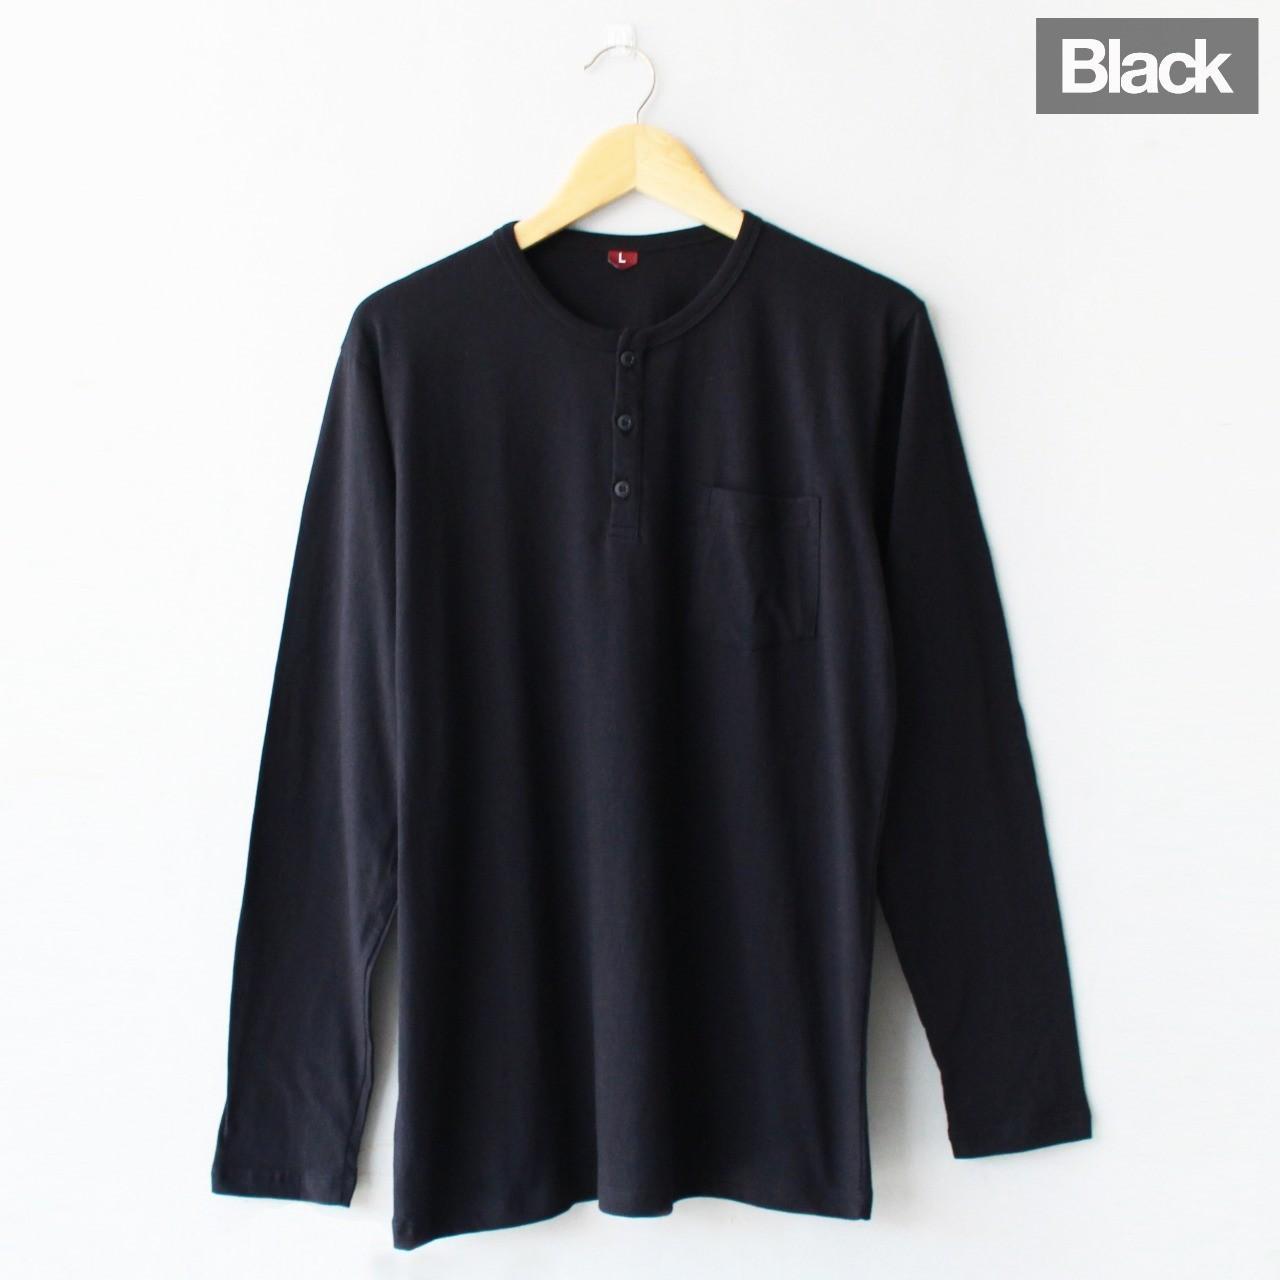 Fitur Radhe Kaos Cowok Lengan Panjang Polos 2 Kancing Hitam 6 Warna Maroon Solid Saku Henley Black